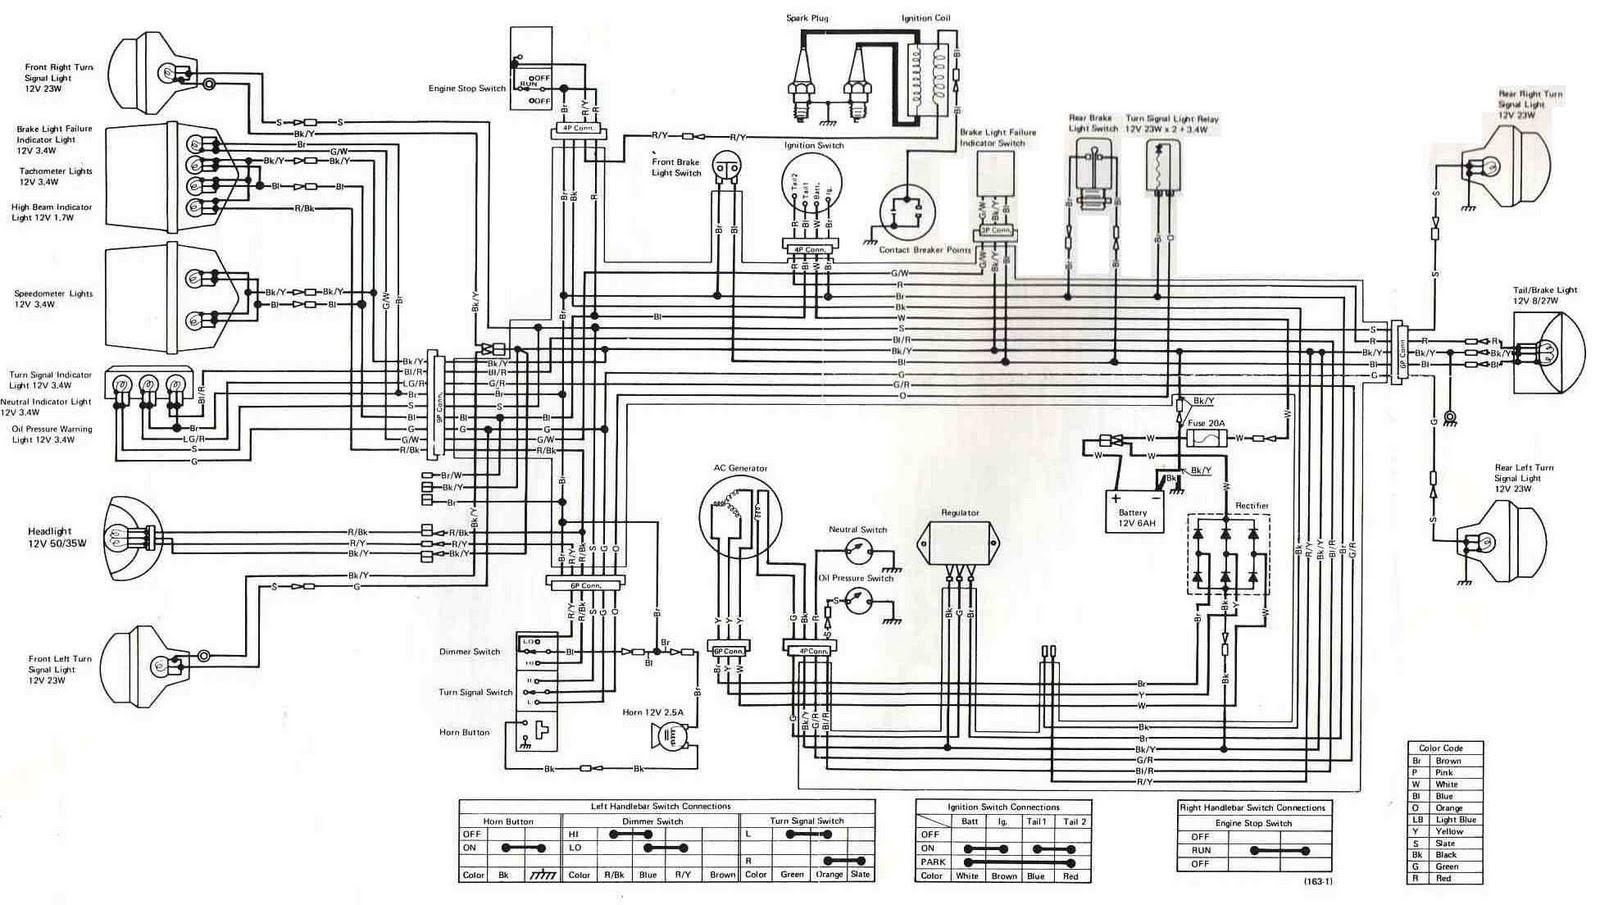 Wiring Diagram Kawasaki Mule 600 2003 Kawasaki Mule 610 $ Apktodownload